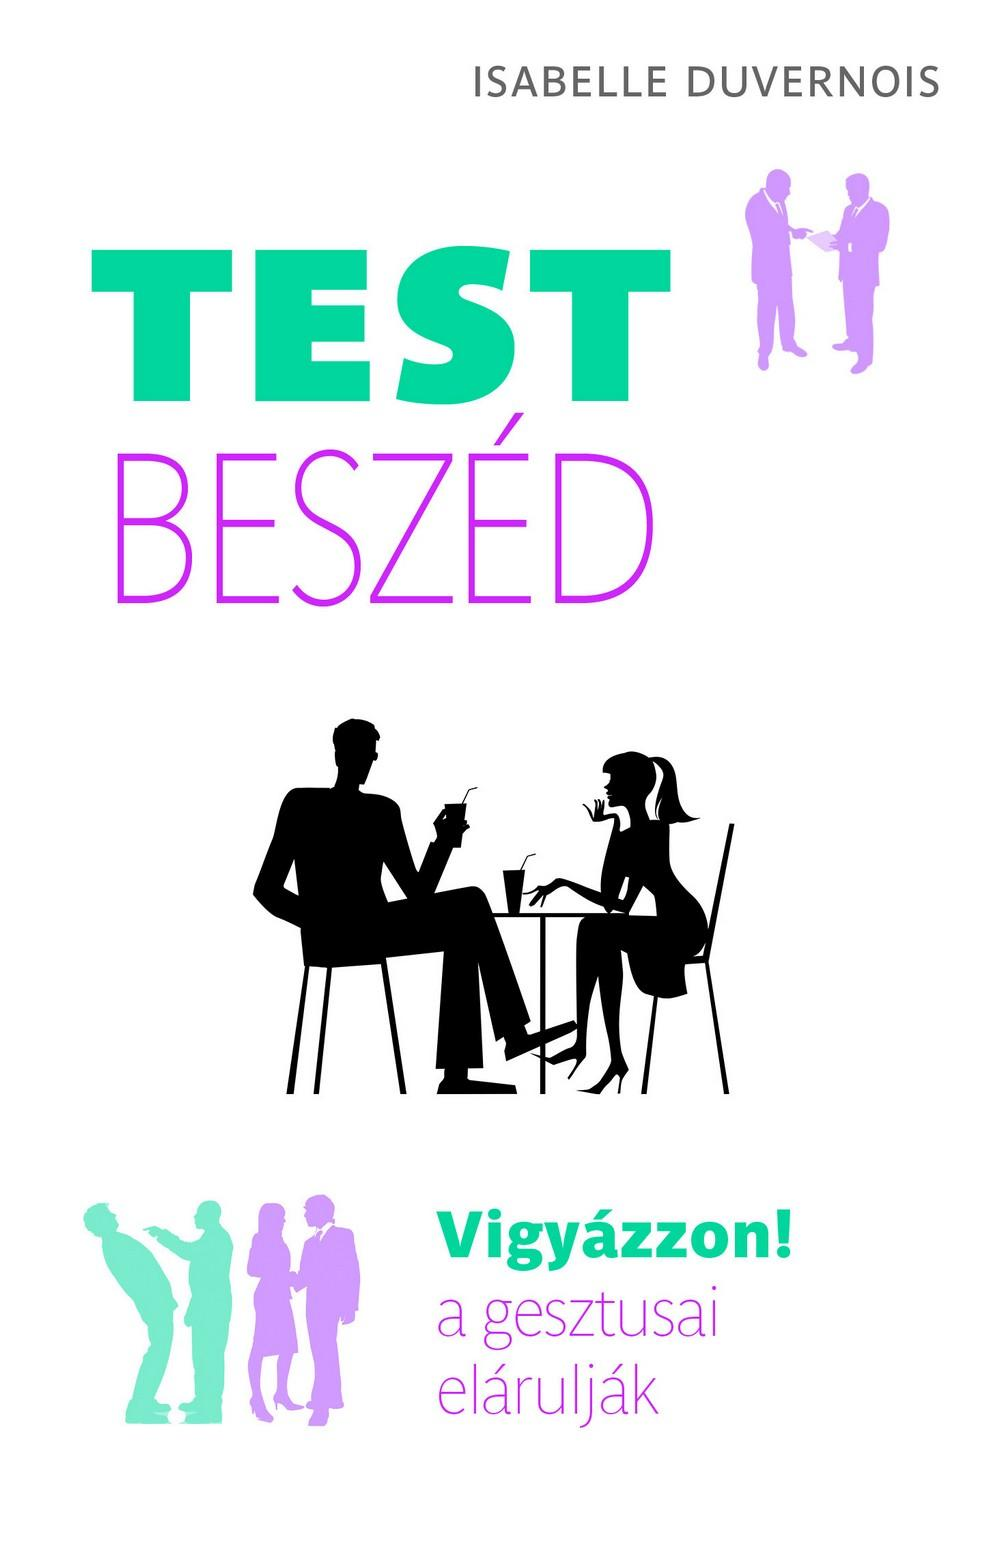 TESTBESZÉD - VIGYÁZZON! GESZTUSAI ELÁRULJÁK